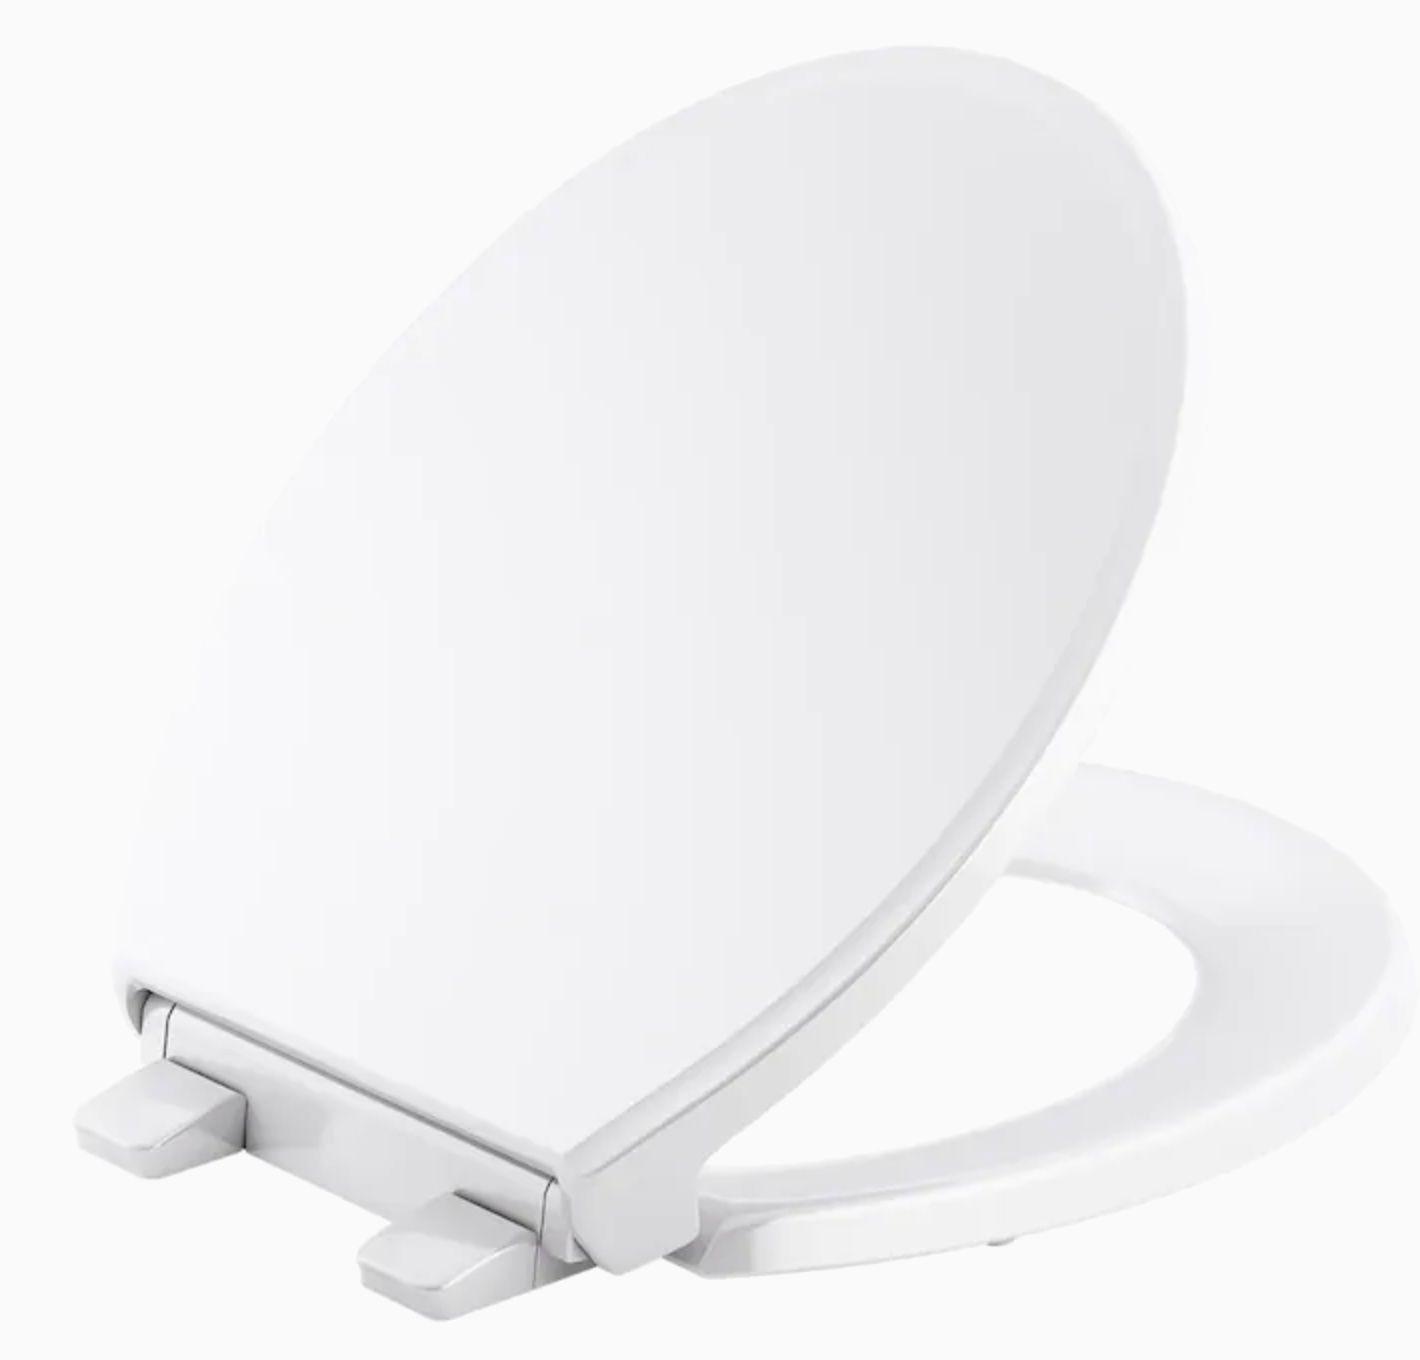 KOHLER Figure White Round Slow-Close Toilet Seat